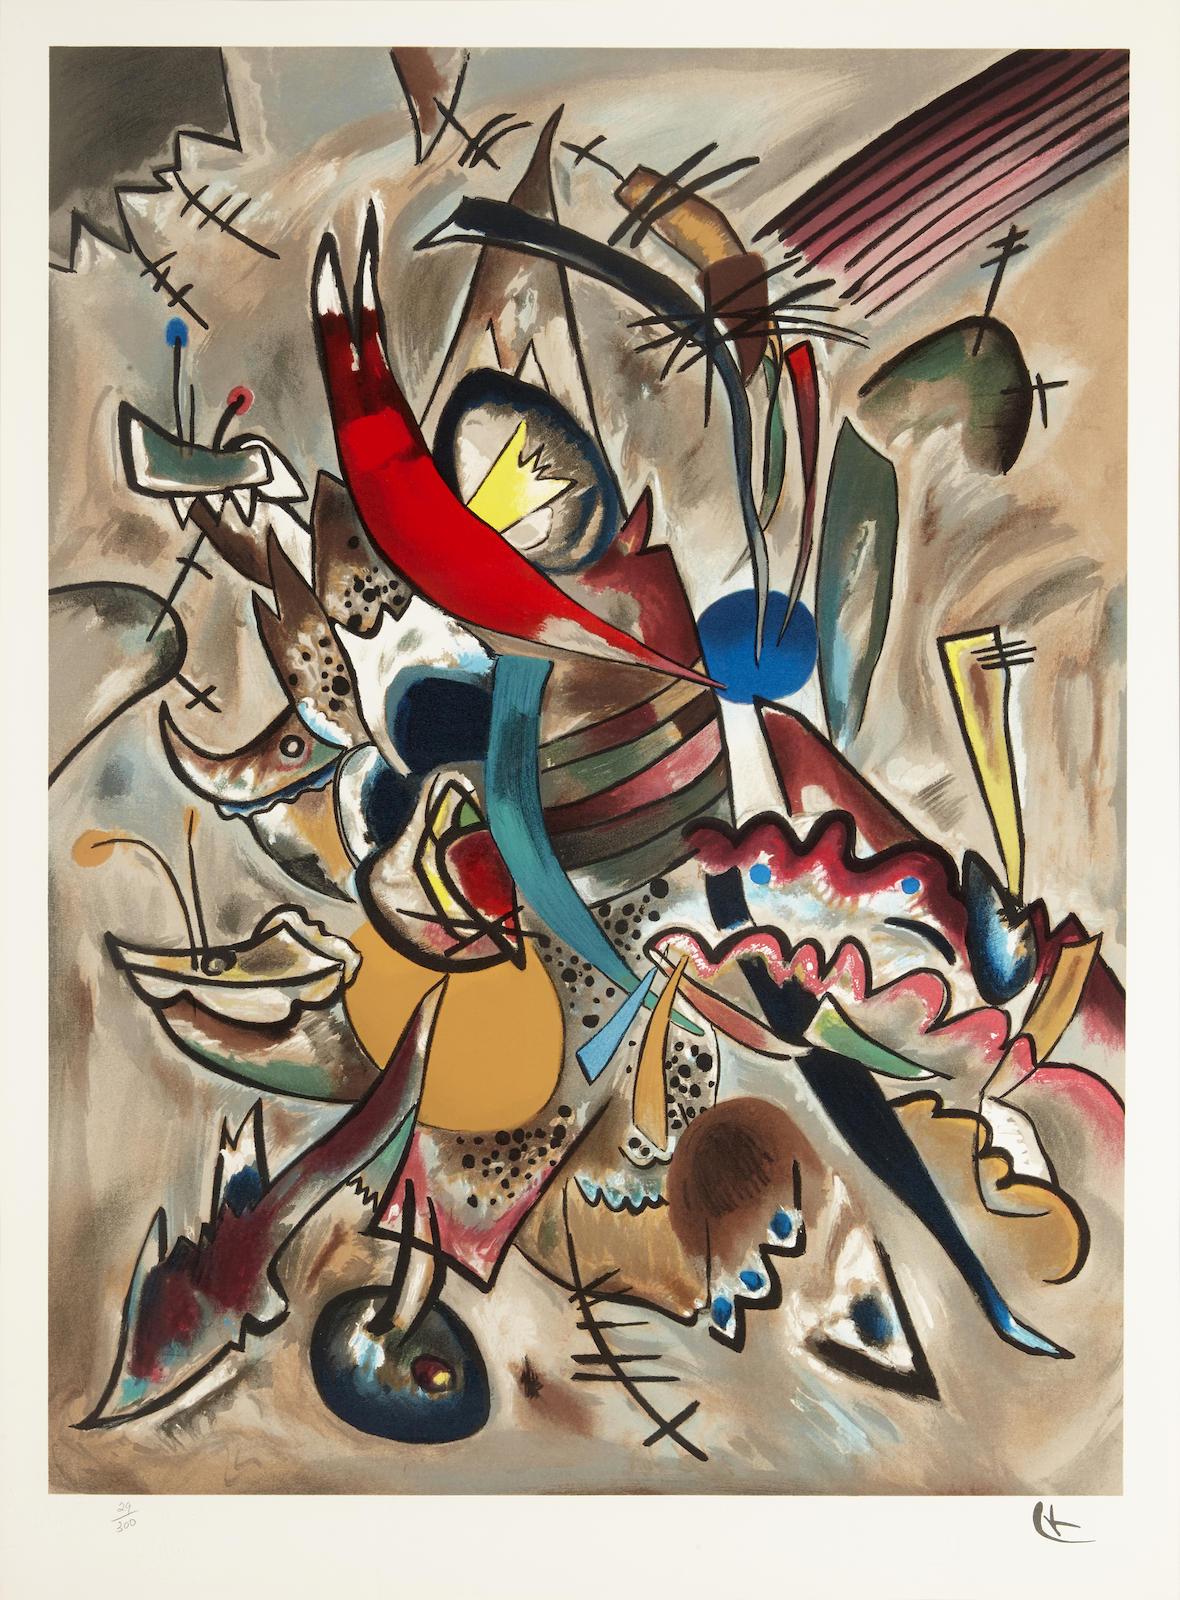 Wassily Kandinsky-After Wassily Kandinsky - Two Ovals, 1919-1919